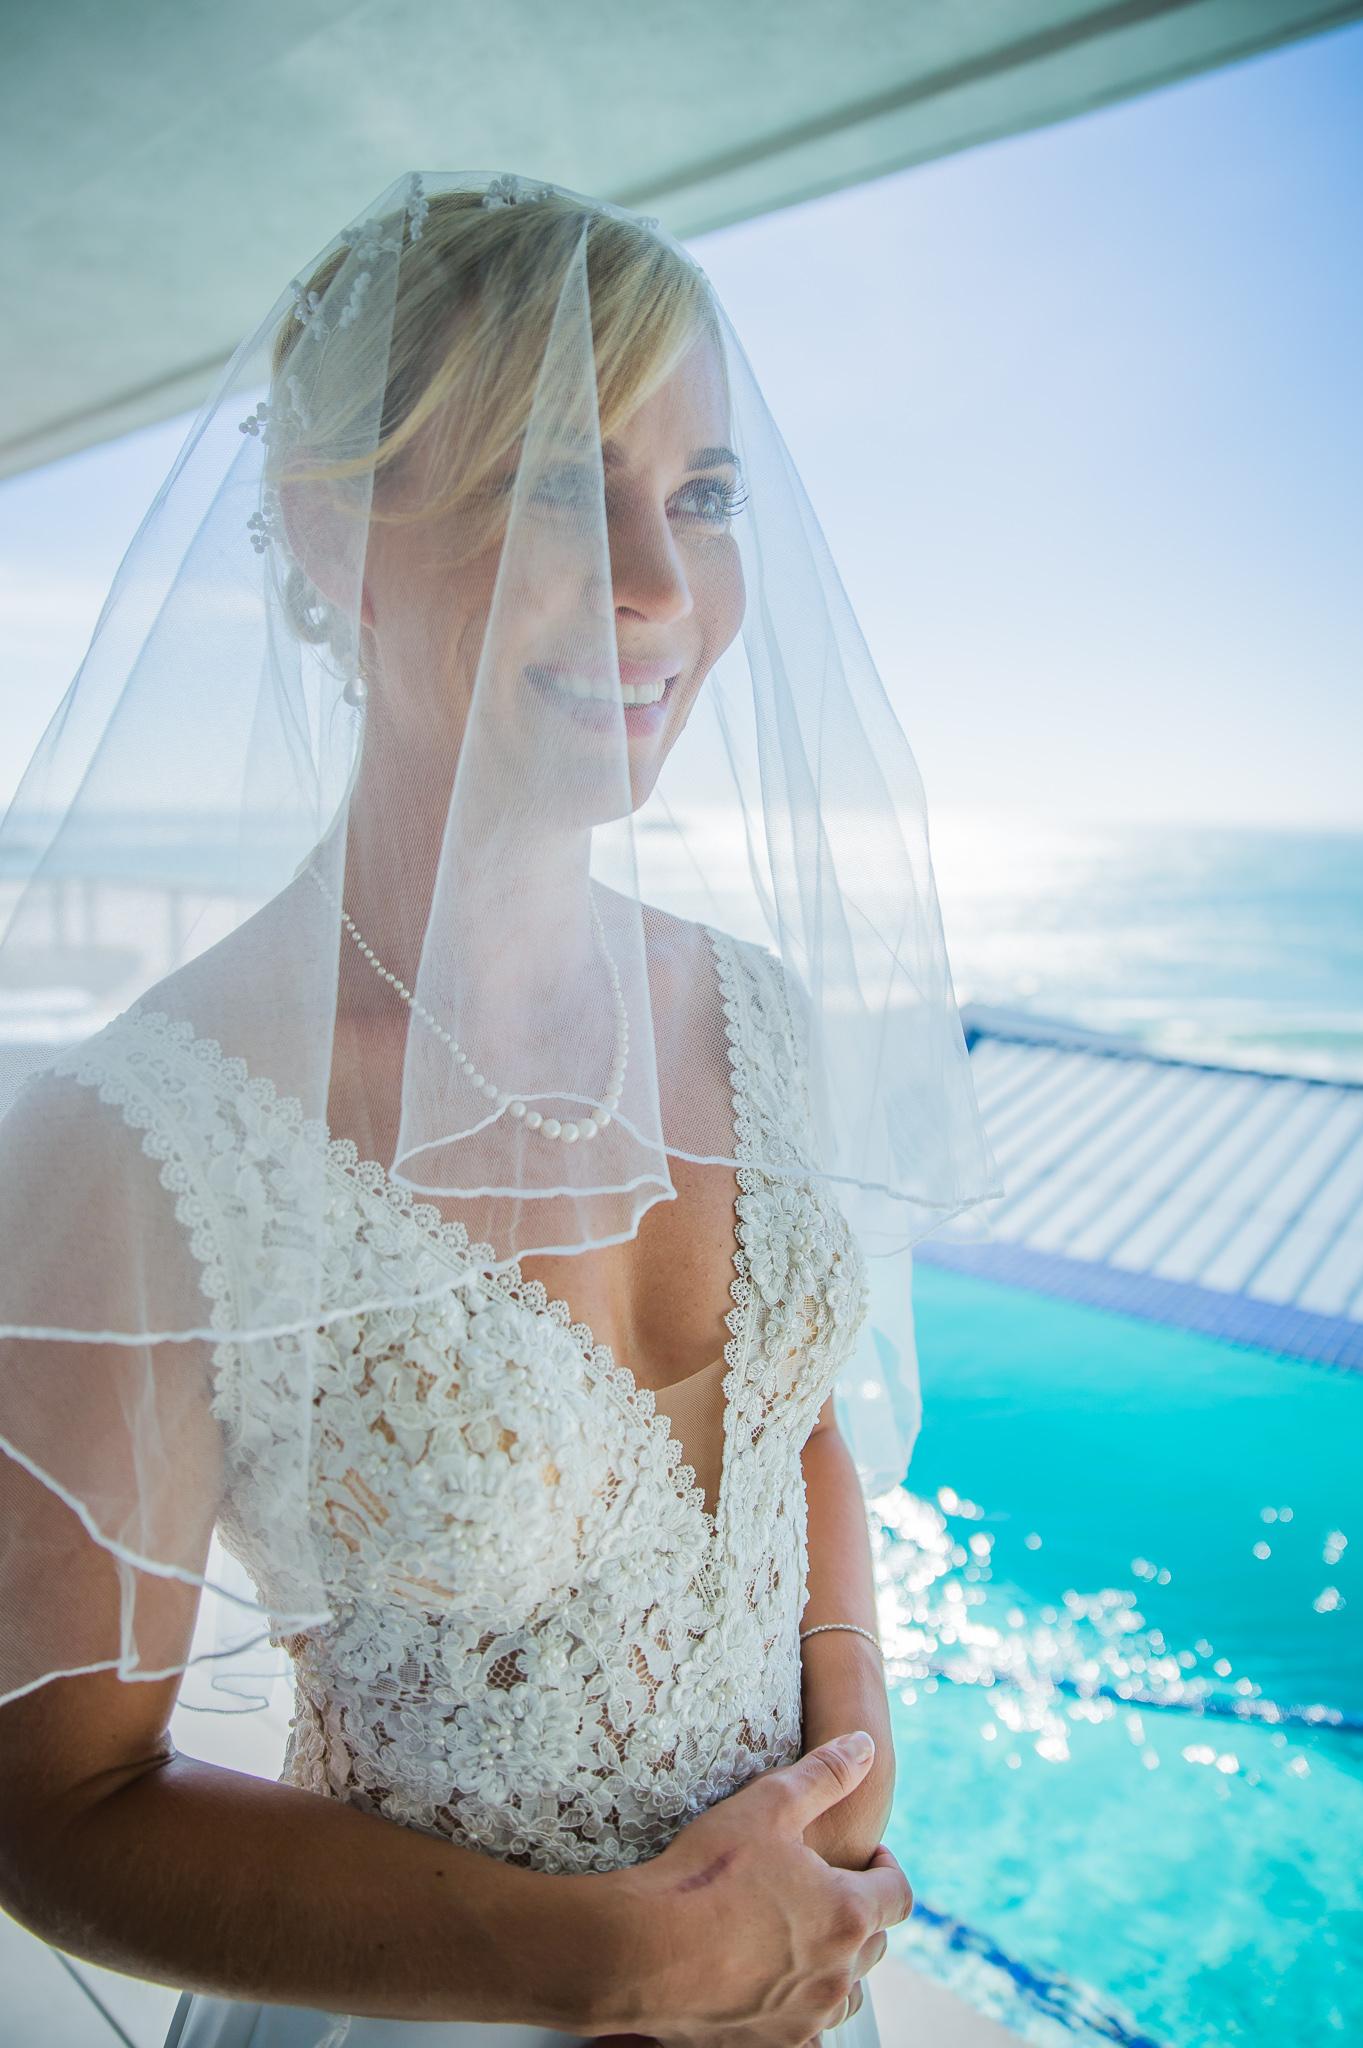 Josh and Debbie Yzerfontein Wedding - Sneak Peak (14 of 36).jpg